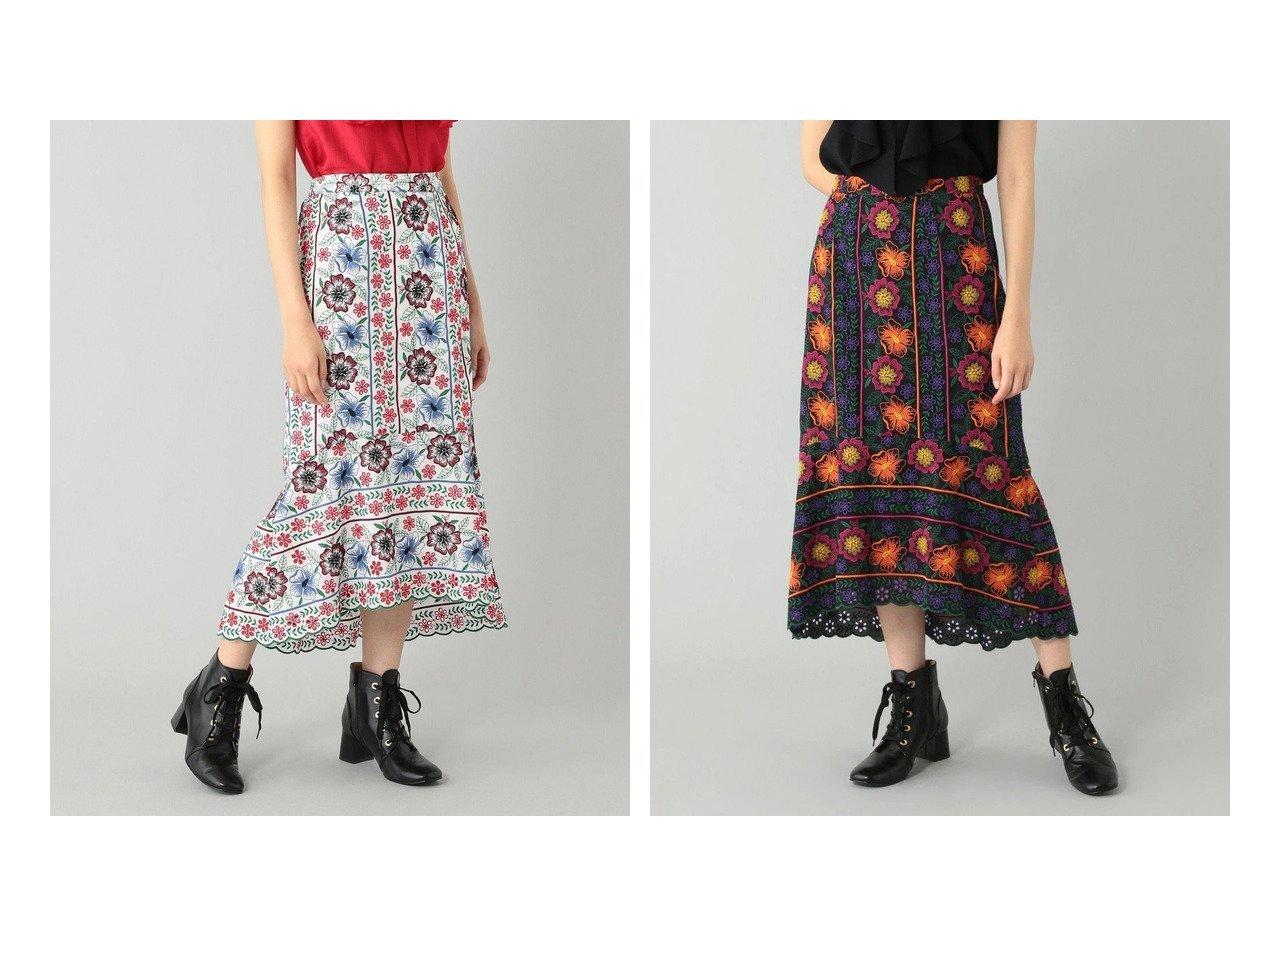 【GRACE CONTINENTAL/グレース コンチネンタル】のイレヘム刺繍スカート 【スカート】おすすめ!人気、トレンド・レディースファッションの通販   おすすめで人気の流行・トレンド、ファッションの通販商品 インテリア・家具・メンズファッション・キッズファッション・レディースファッション・服の通販 founy(ファニー) https://founy.com/ ファッション Fashion レディースファッション WOMEN スカート Skirt 送料無料 Free Shipping イレヘム オフショルダー セットアップ 夏 Summer |ID:crp329100000057109